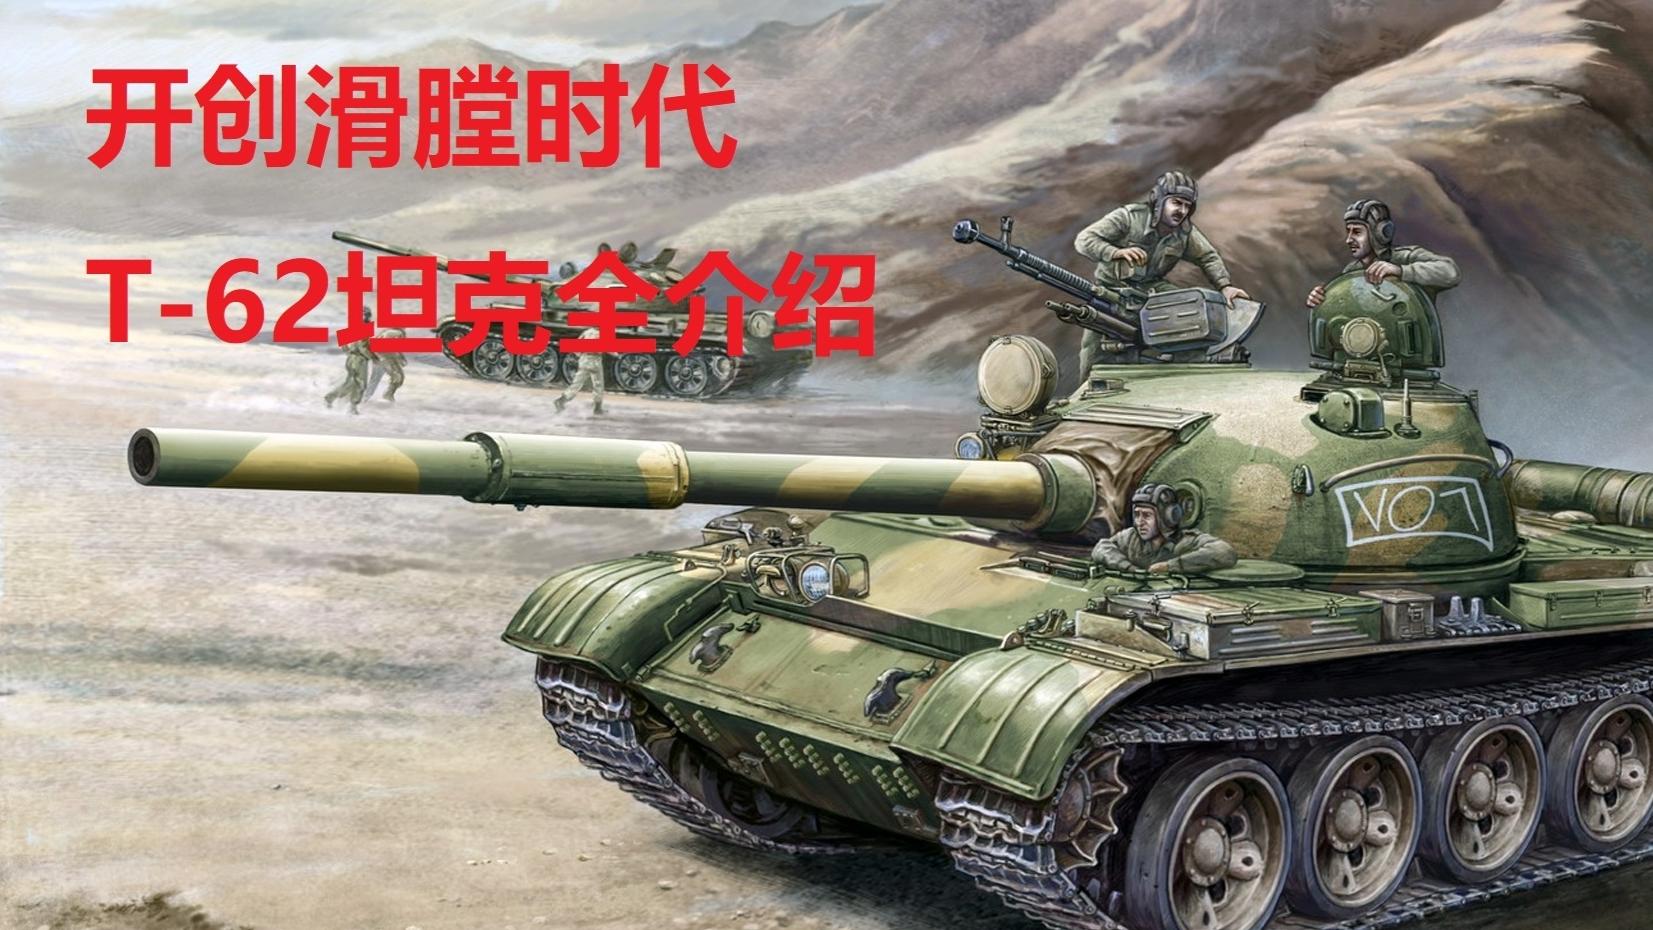 【星海社第211期】开创滑膛时代:T-62坦克全介绍(bug修复版)